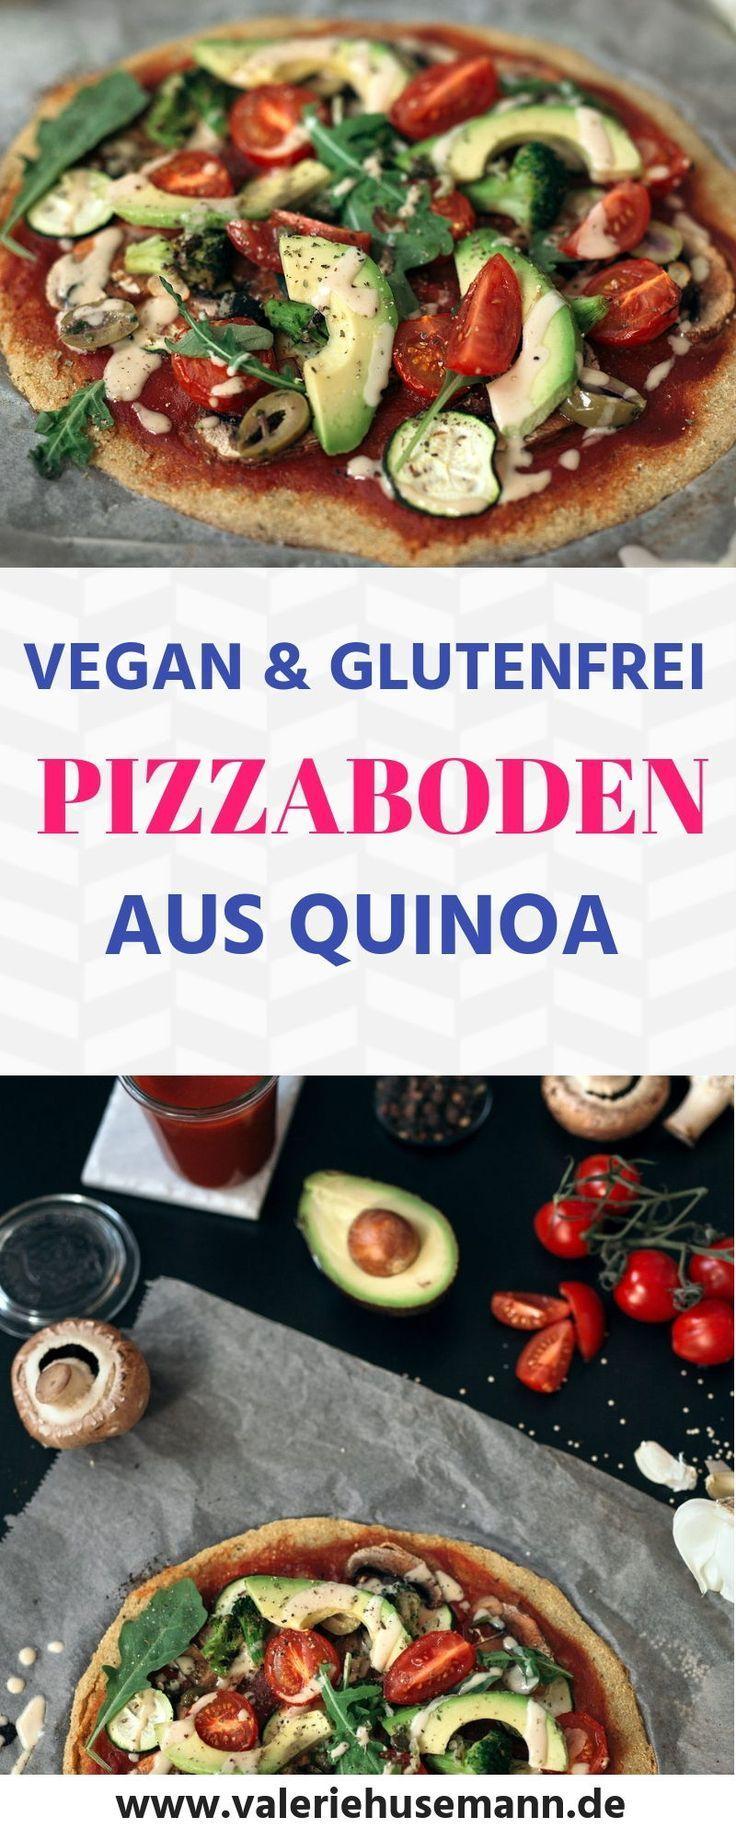 Pizzaboden aus Quinoa, vegan